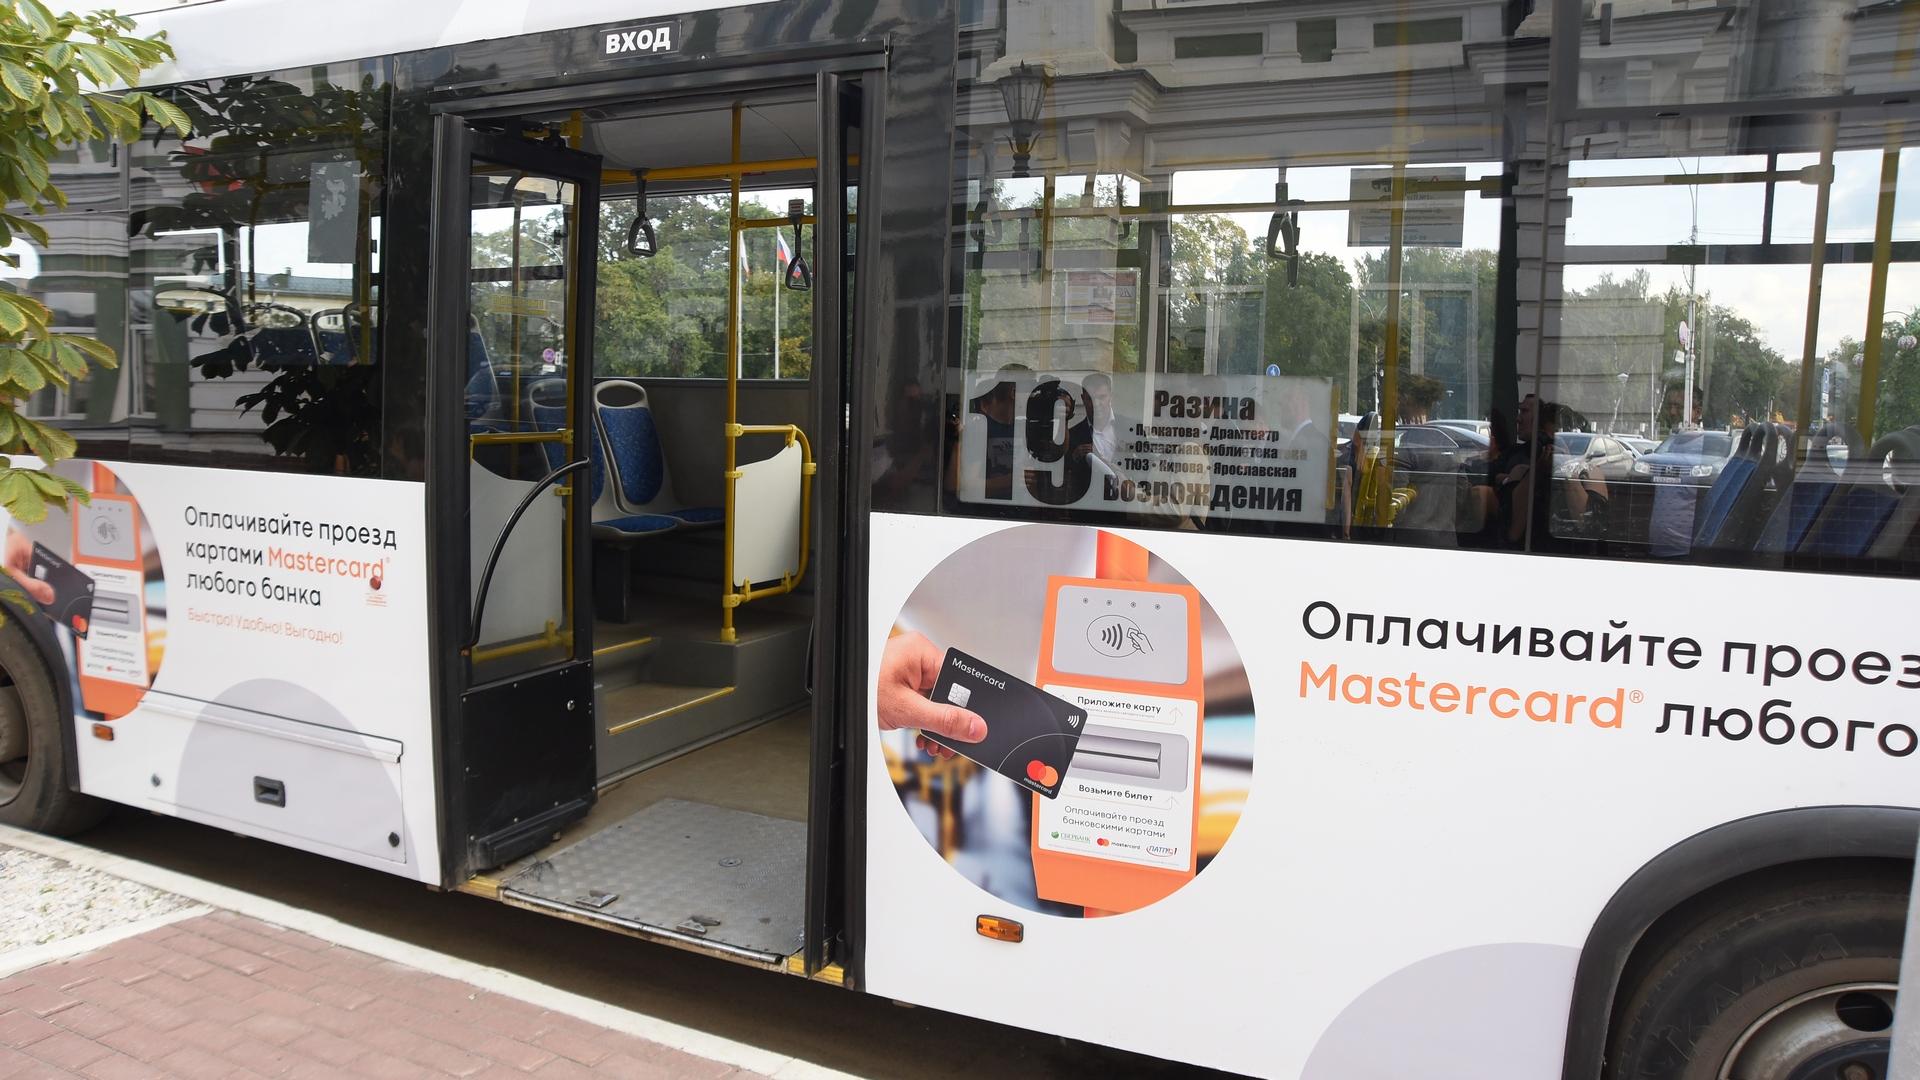 С 10 сентября во всех автобусах ПАТП-1 в Вологде заработает оплата проезда бесконтактной банковской картой